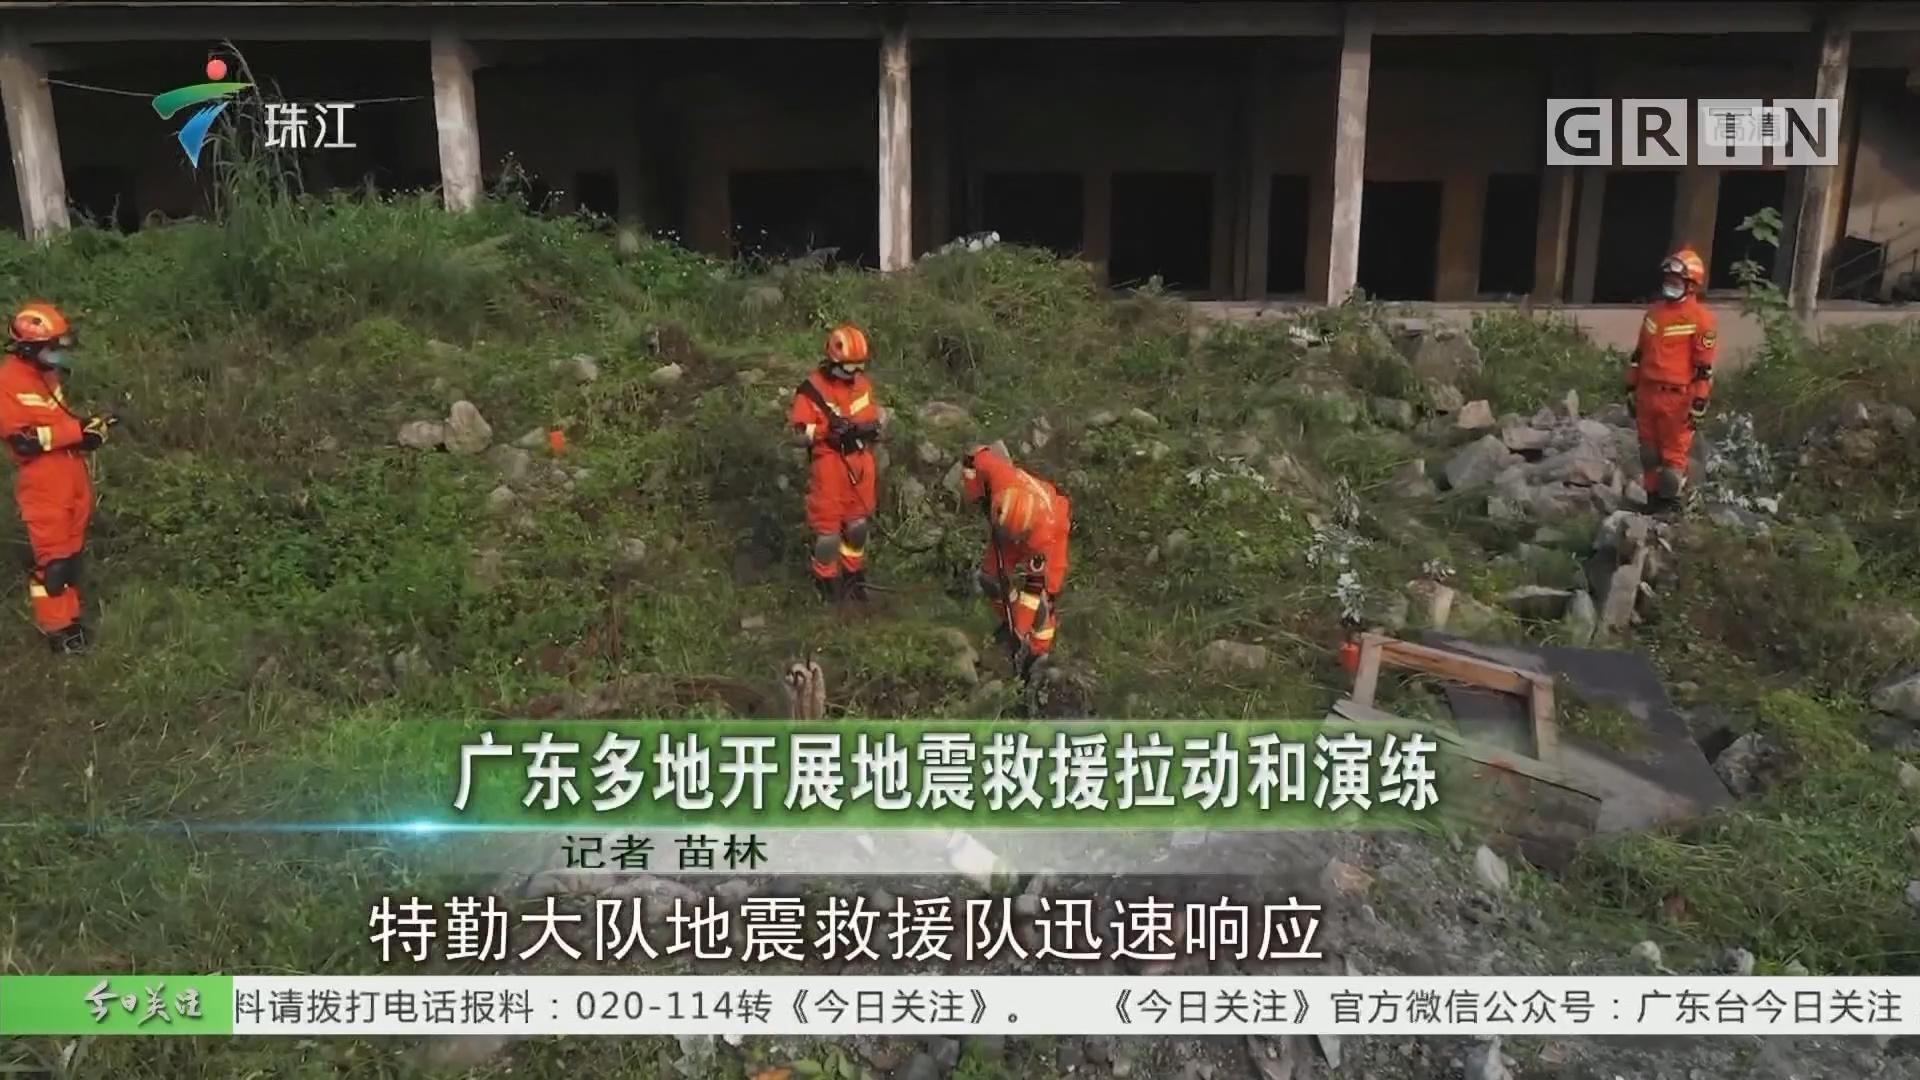 广东多地开展地震救援拉动和演练